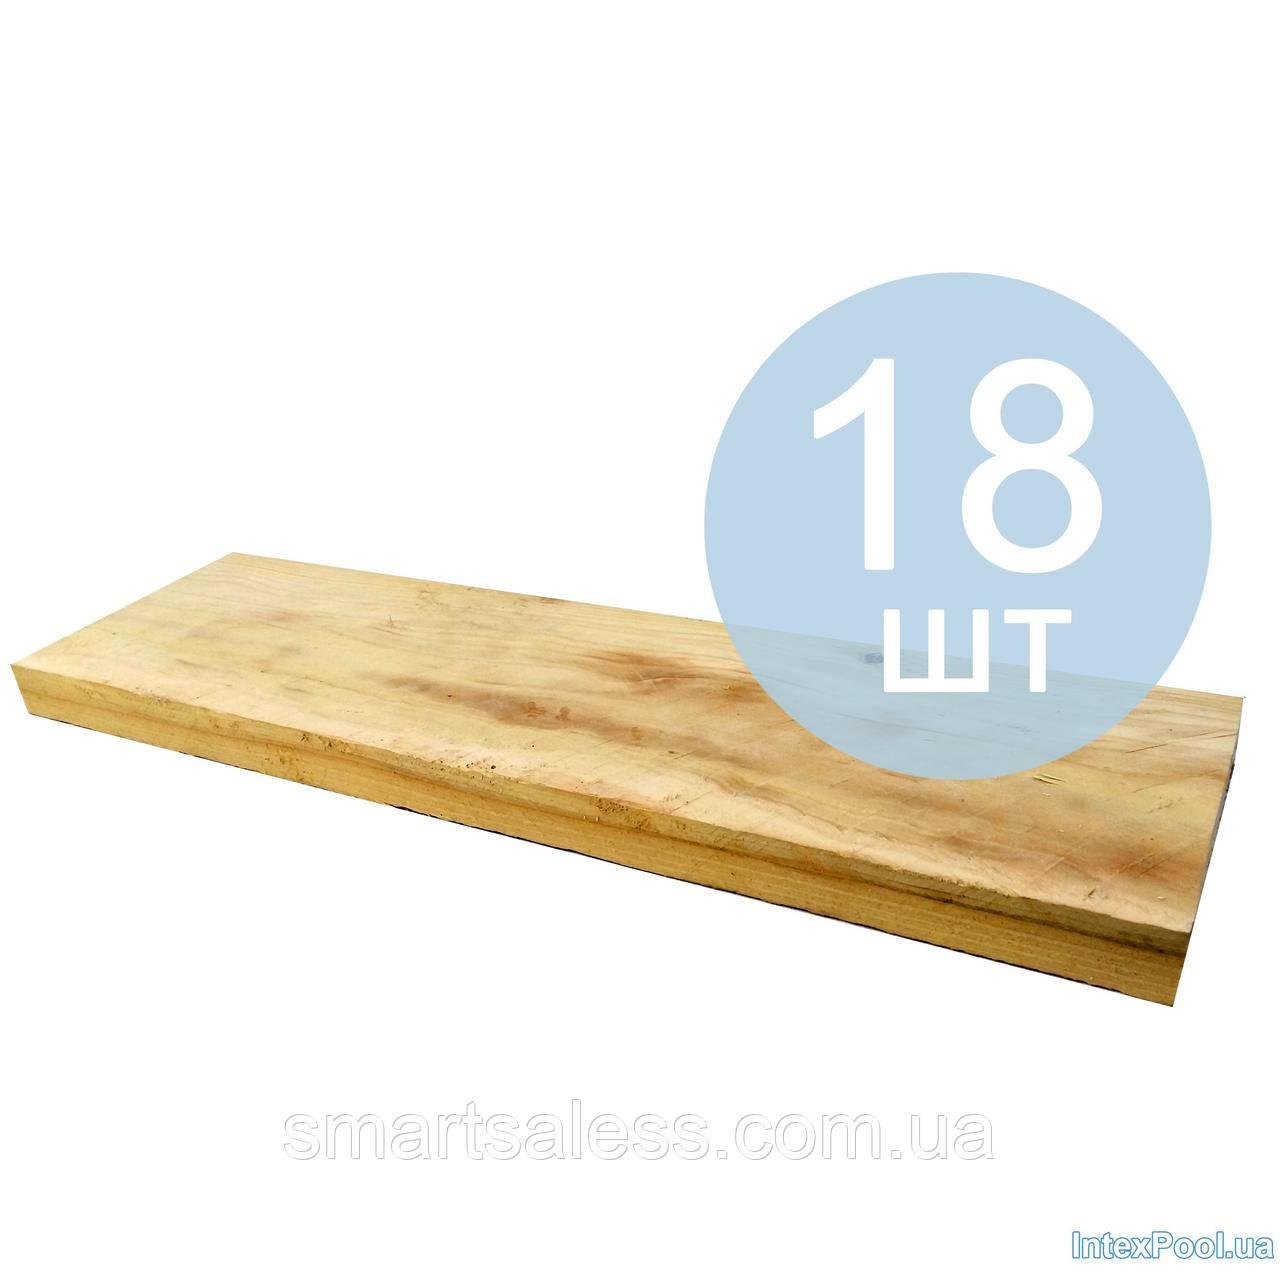 Подножки под стойки Intex 55713, под стойки прямоугольного бассейна 732 х 366 х 132 см (18 шт)